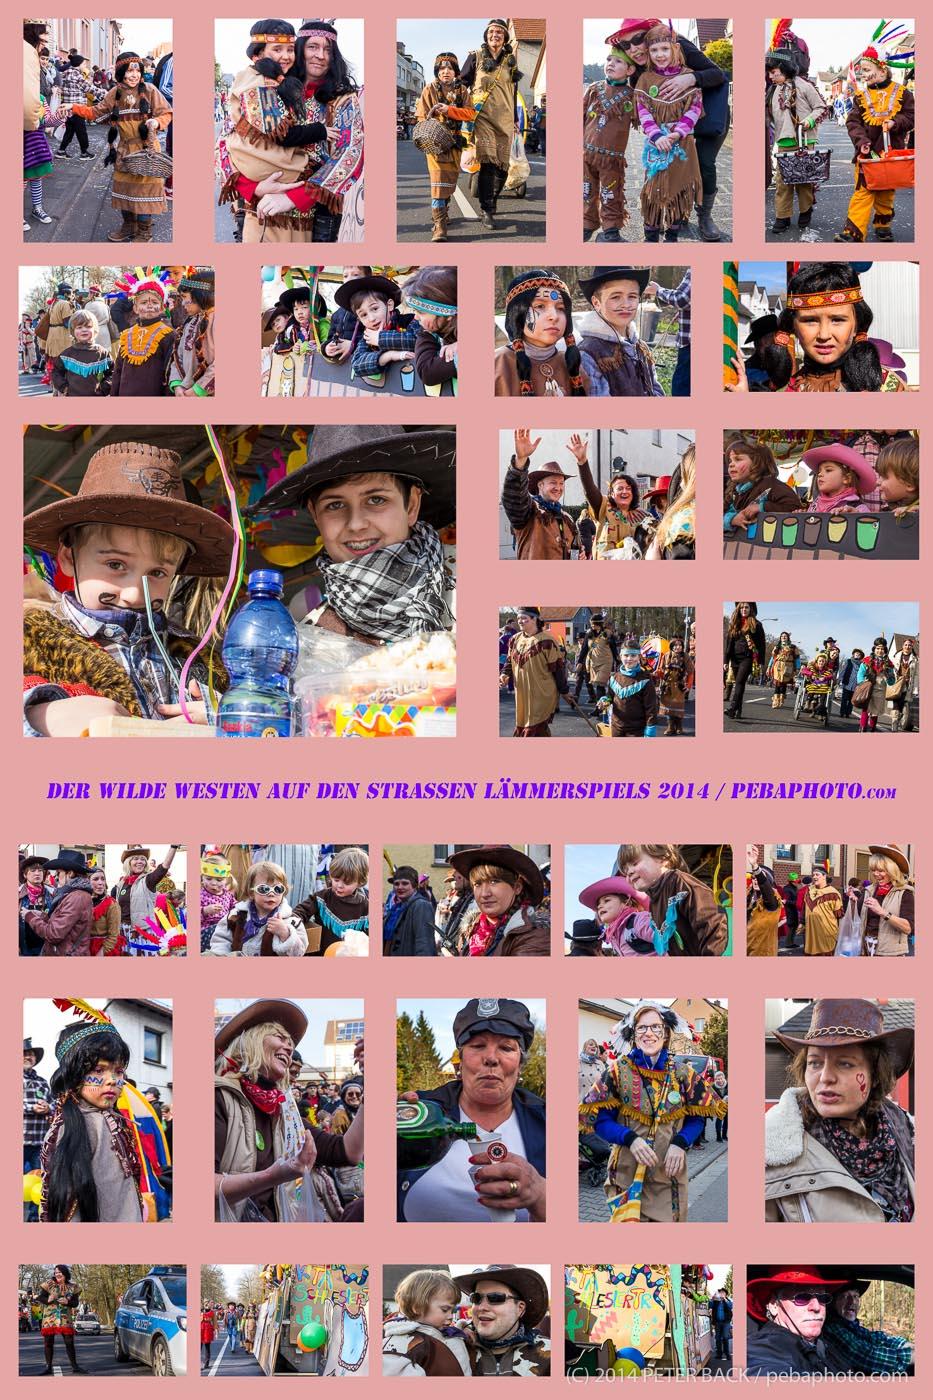 20140311 Poster 50x75 29 Bilder - Fastnachtszug Kita 20140304-1